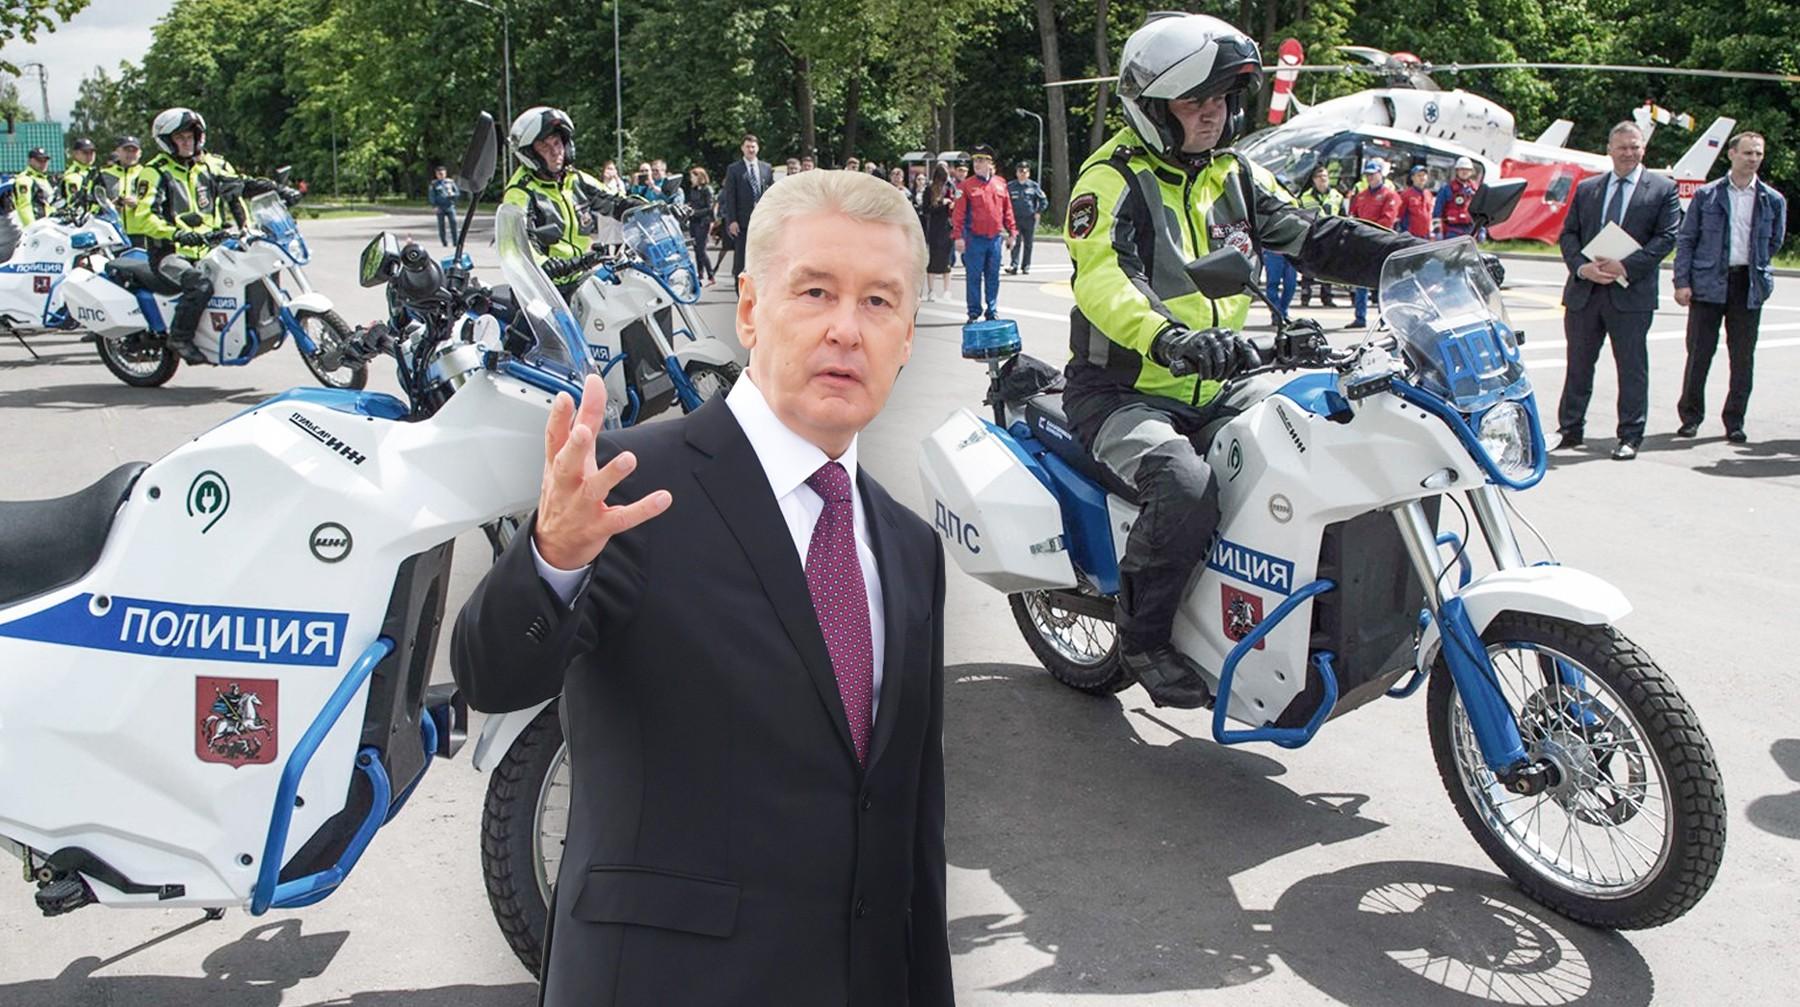 Собянин вручил ГИБДД Москвы 30 электромотоциклов: что с ними не так?